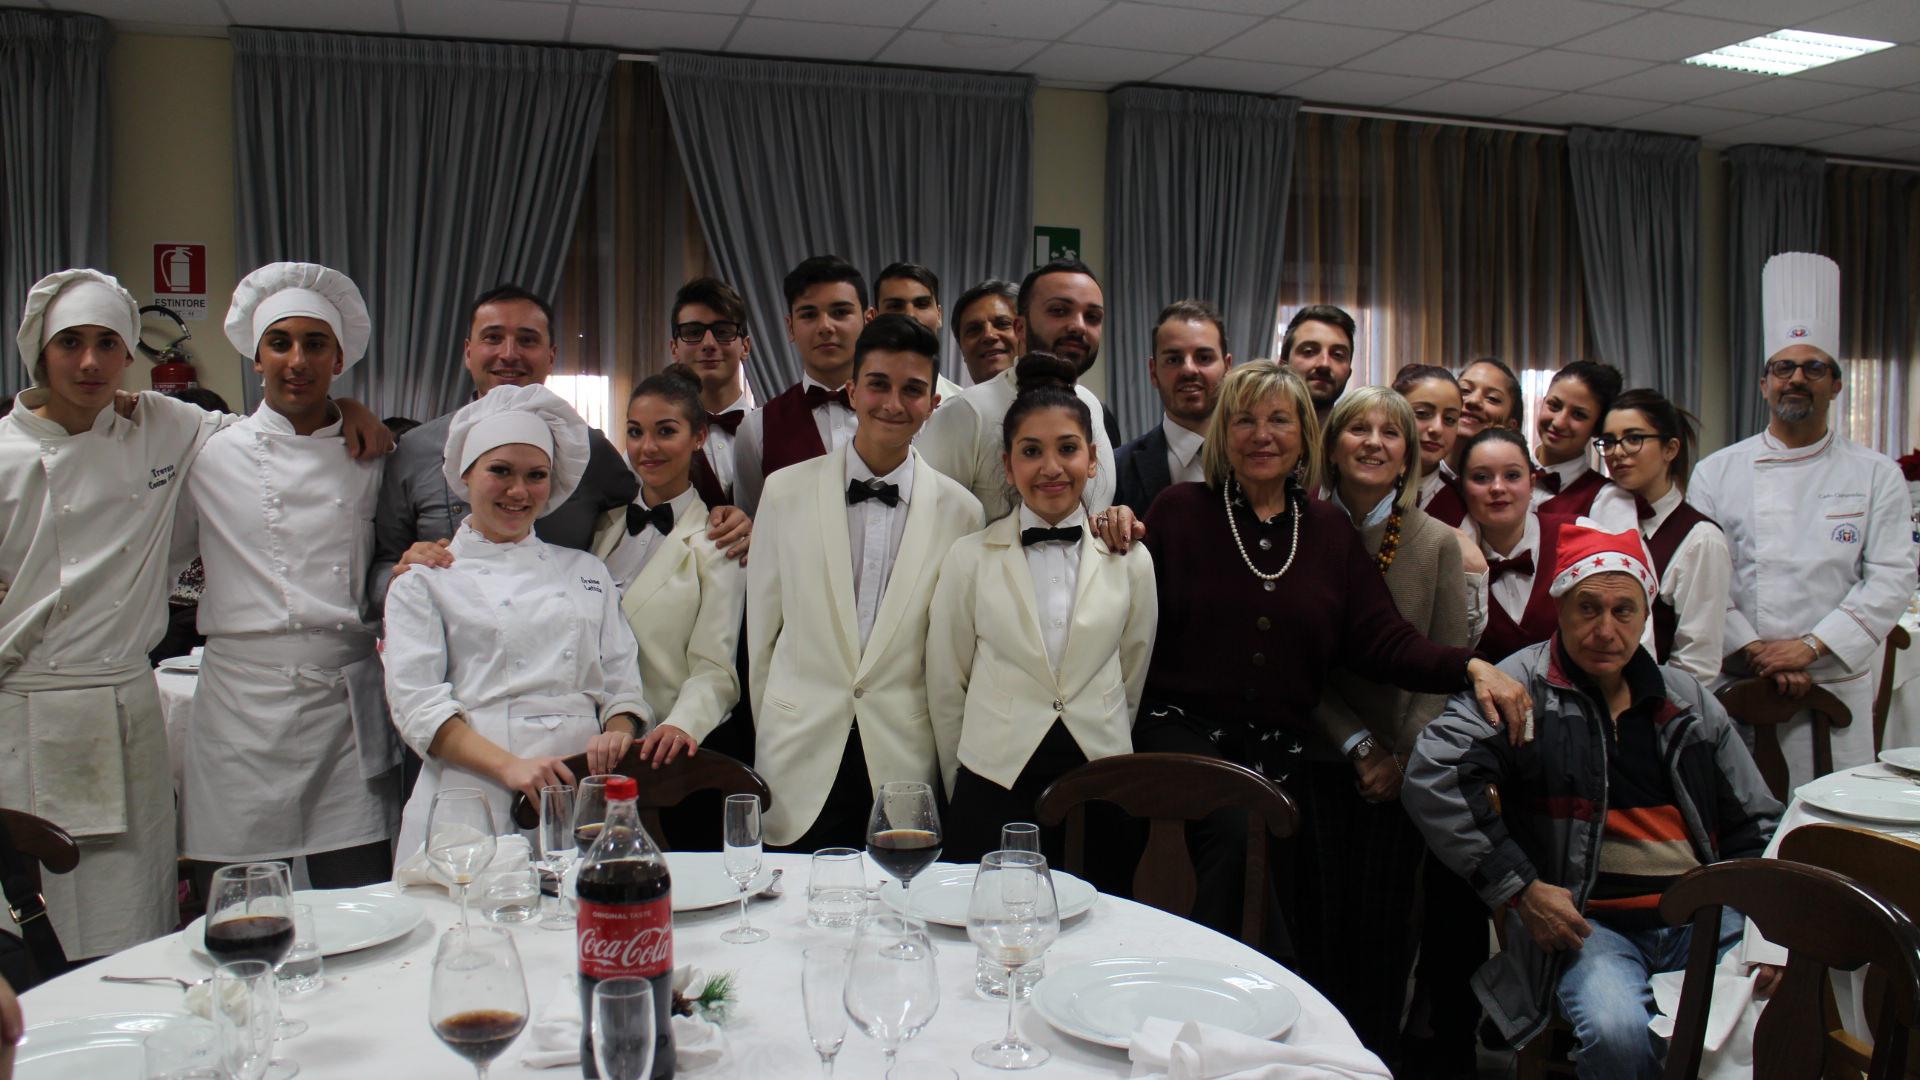 Serenità, integrazione e crescita: il pranzo di Natale del Karol Wojtyla